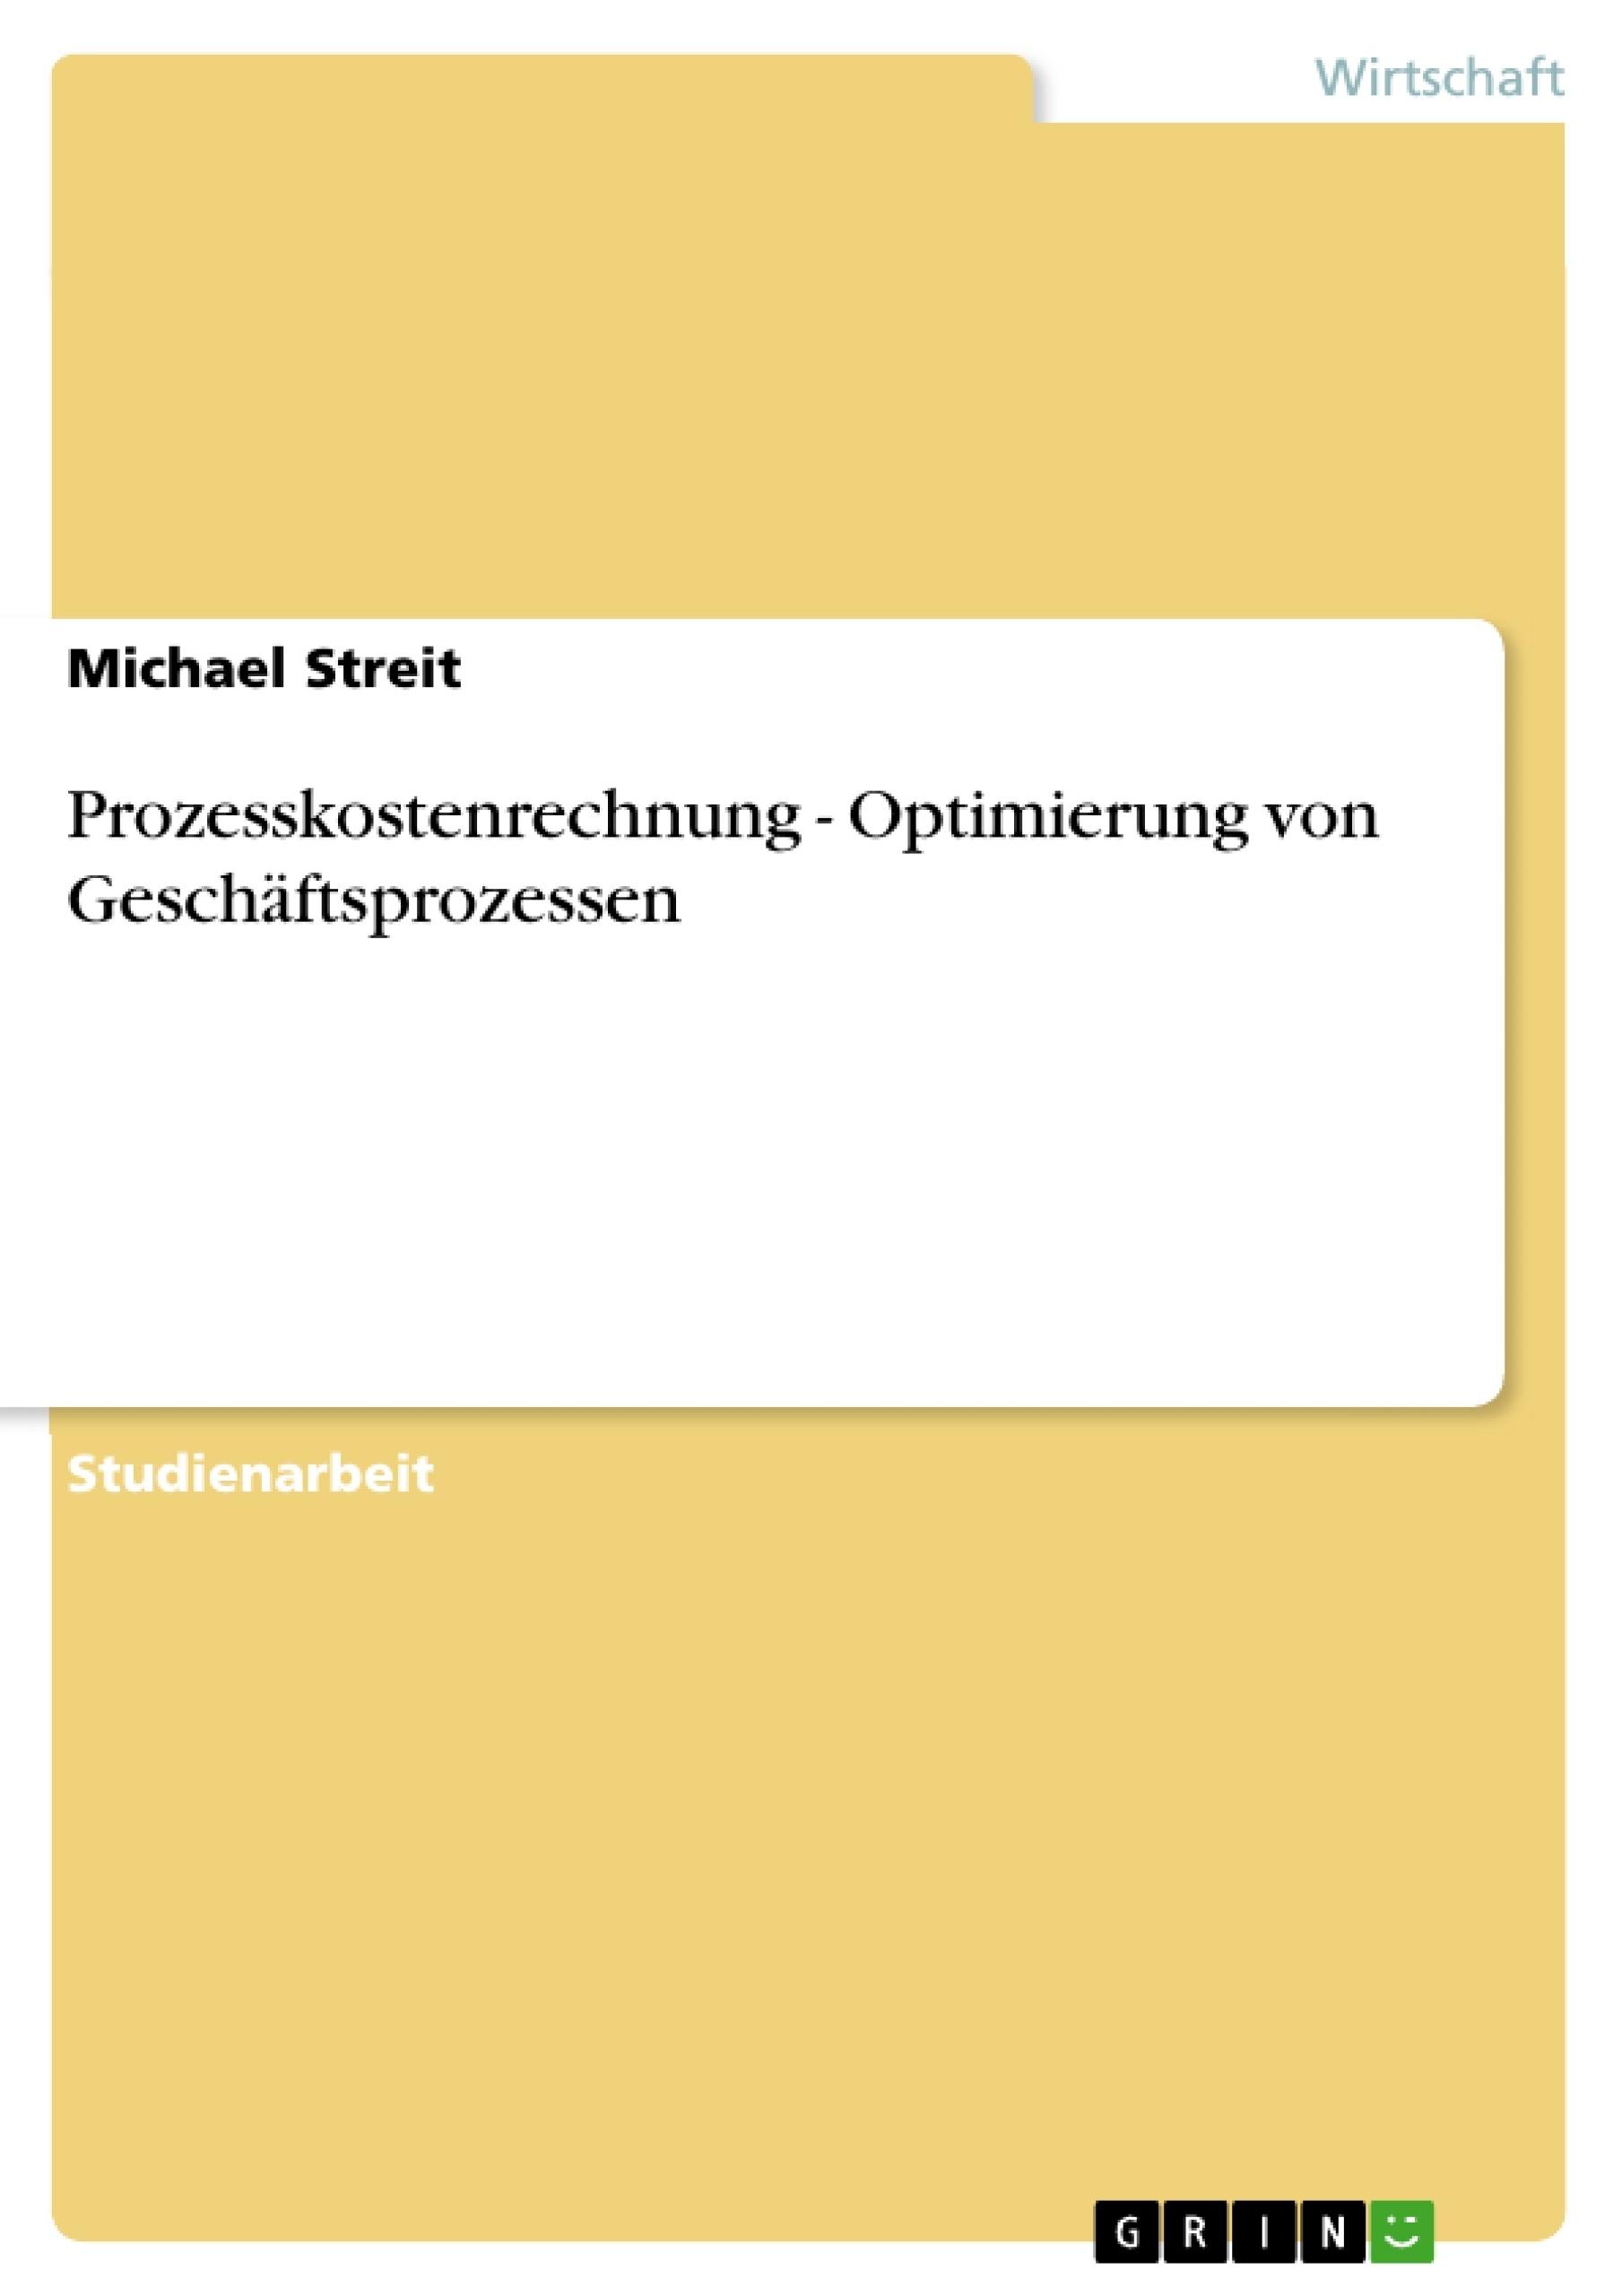 Titel: Prozesskostenrechnung - Optimierung von Geschäftsprozessen